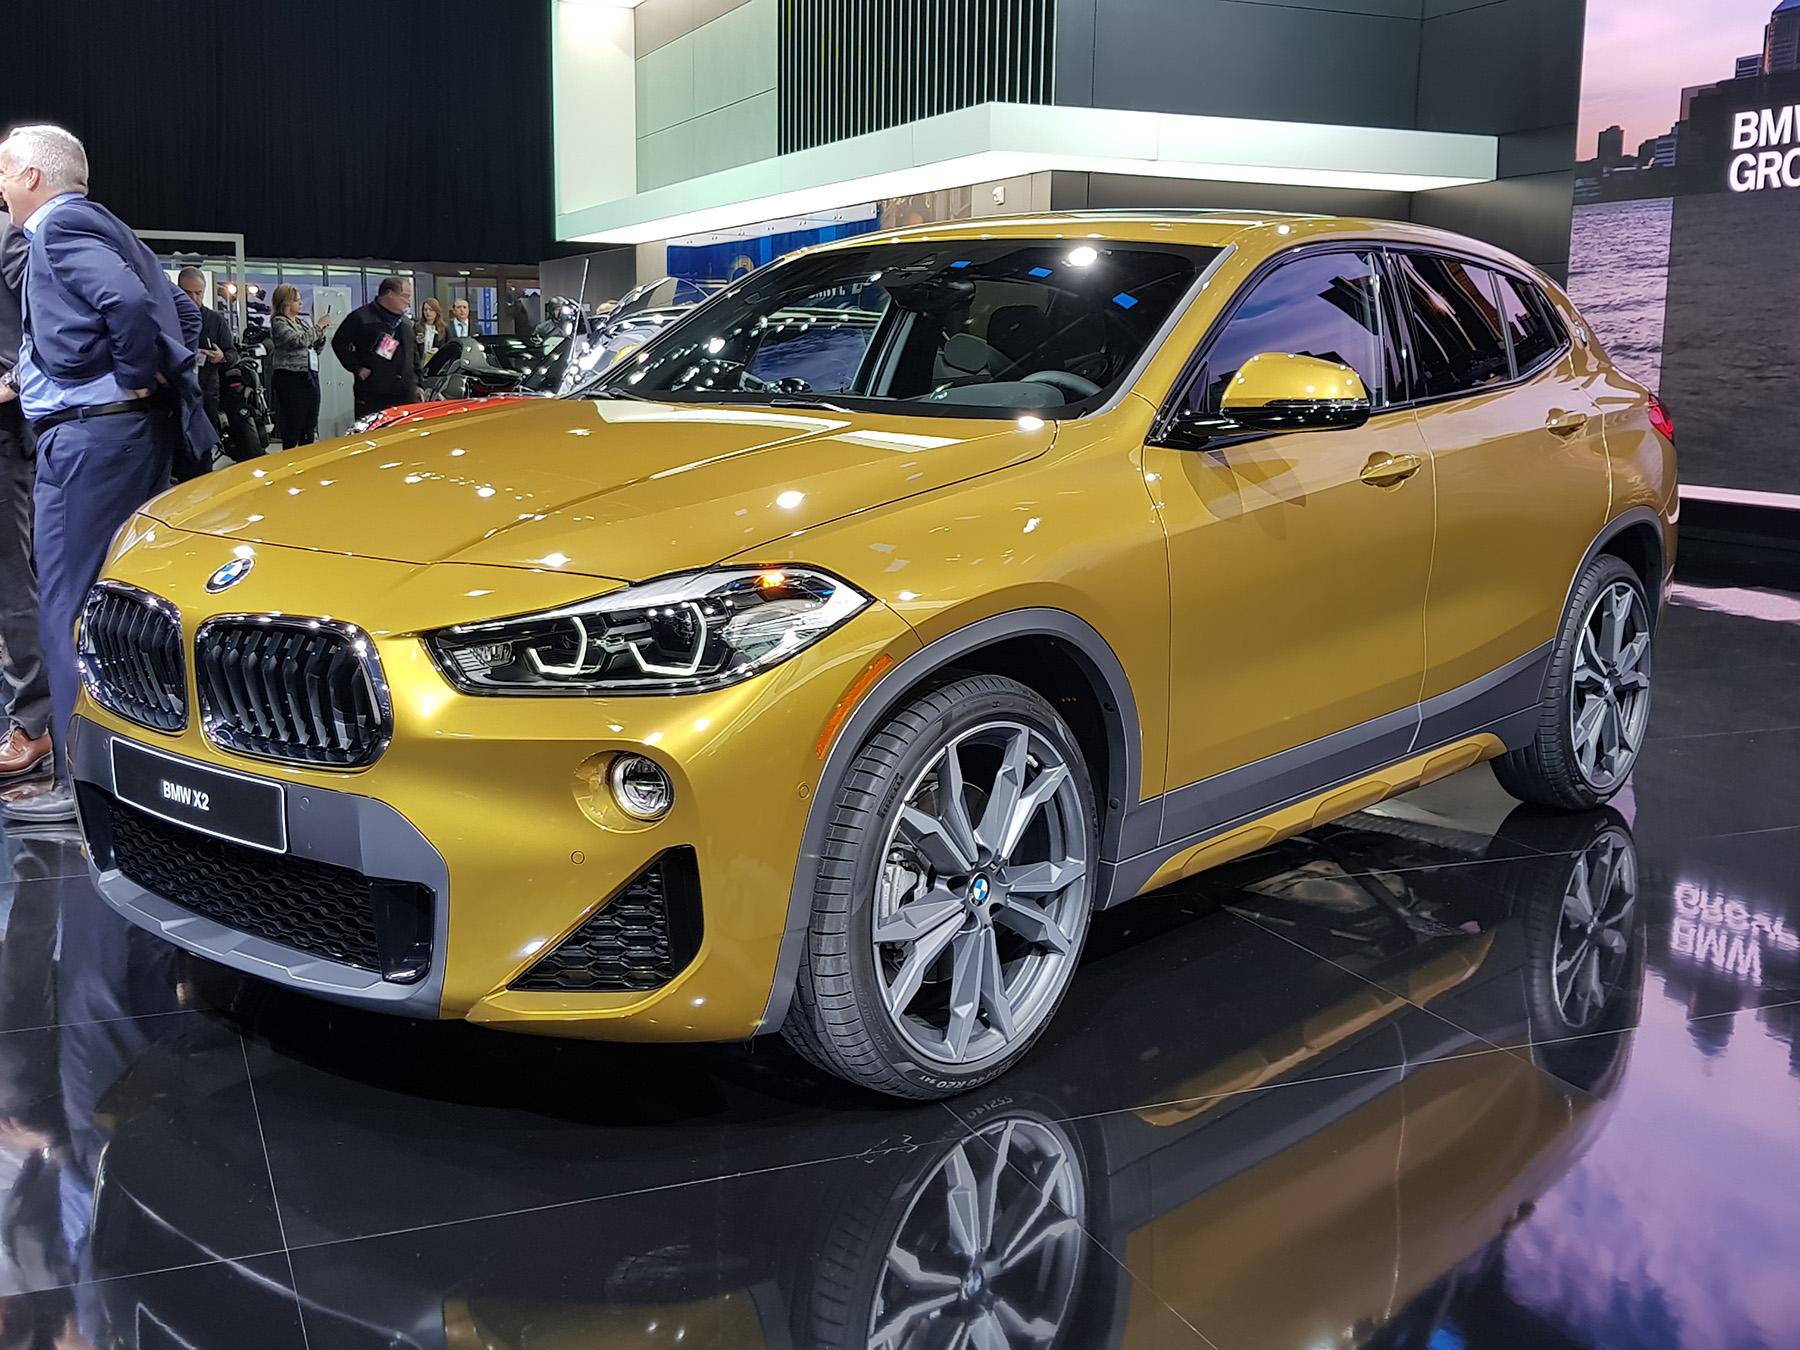 Novo SUV (ou SAV segundo a marca) apresentado no salão de Detroit